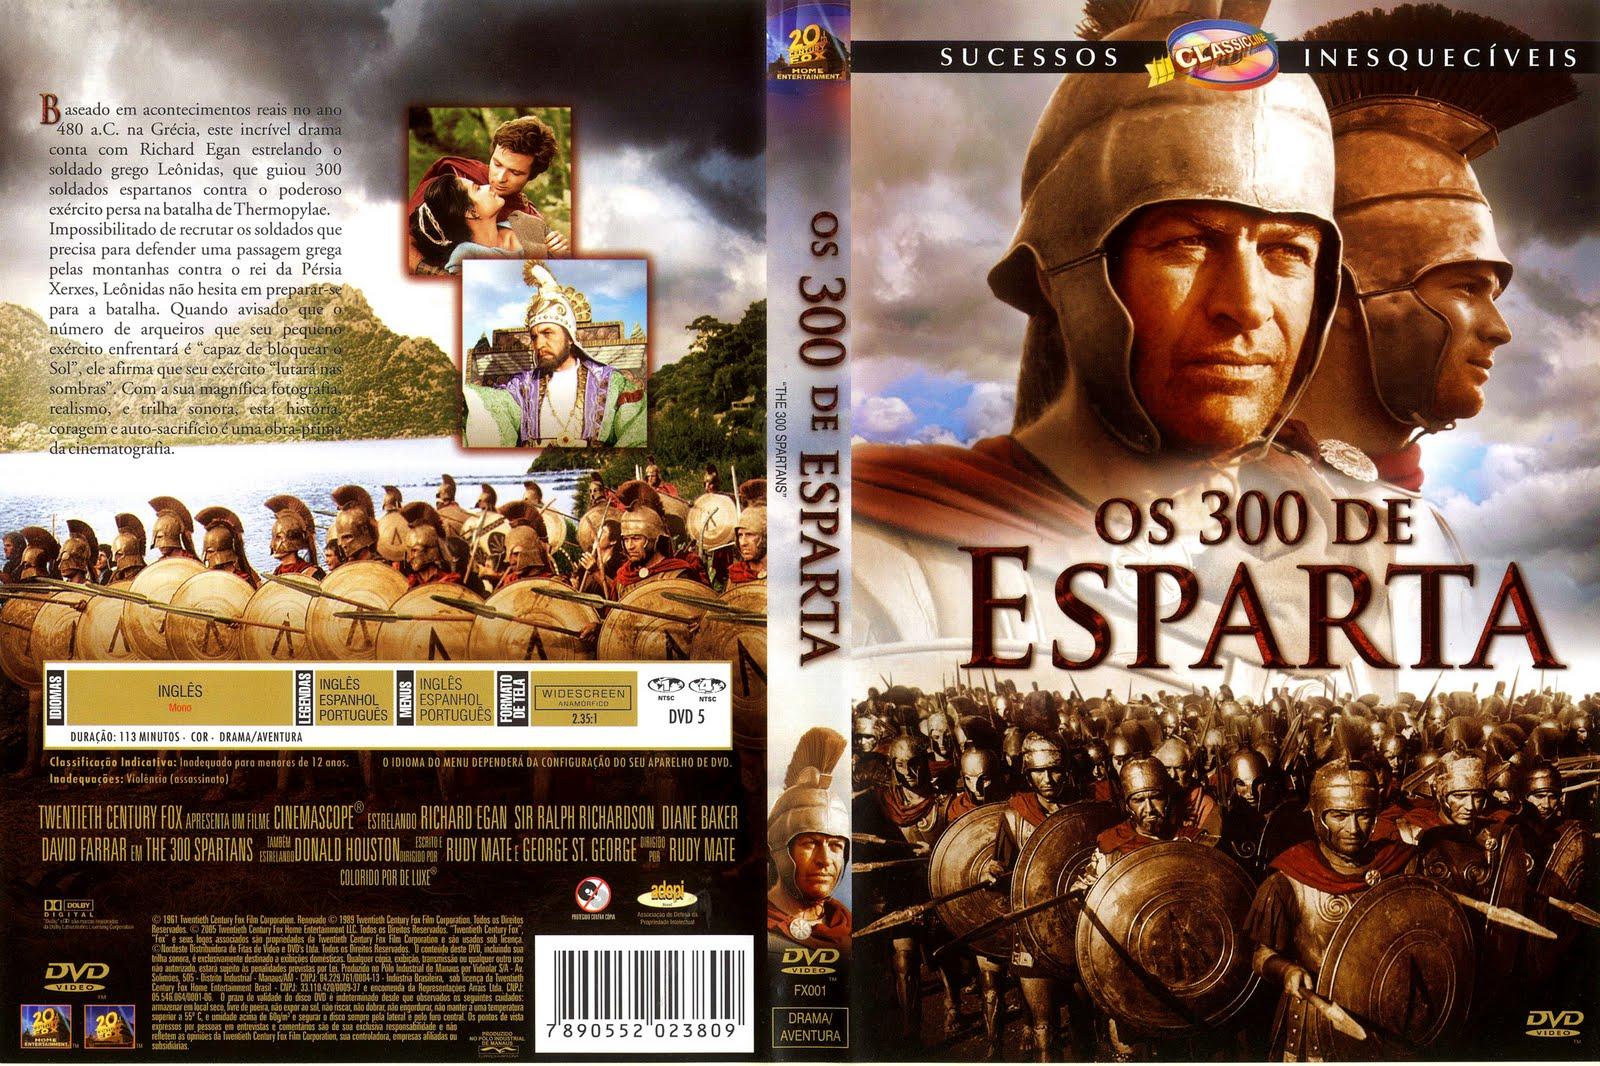 os 300 de esparta 1962 dublado